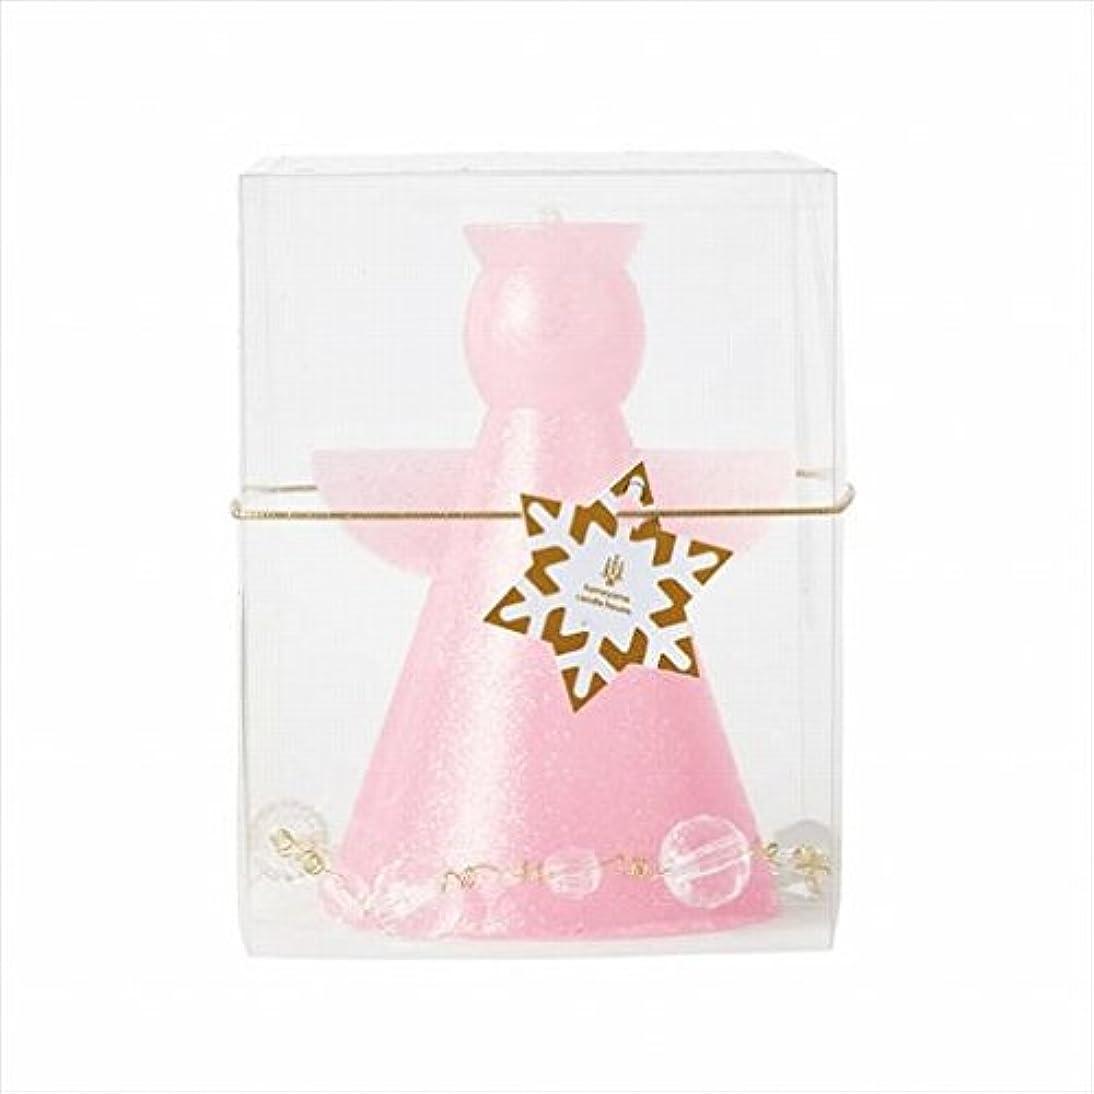 ホスト免除スラッシュカメヤマキャンドル(kameyama candle) クリスタルアンジェリカ 「 ピンク 」